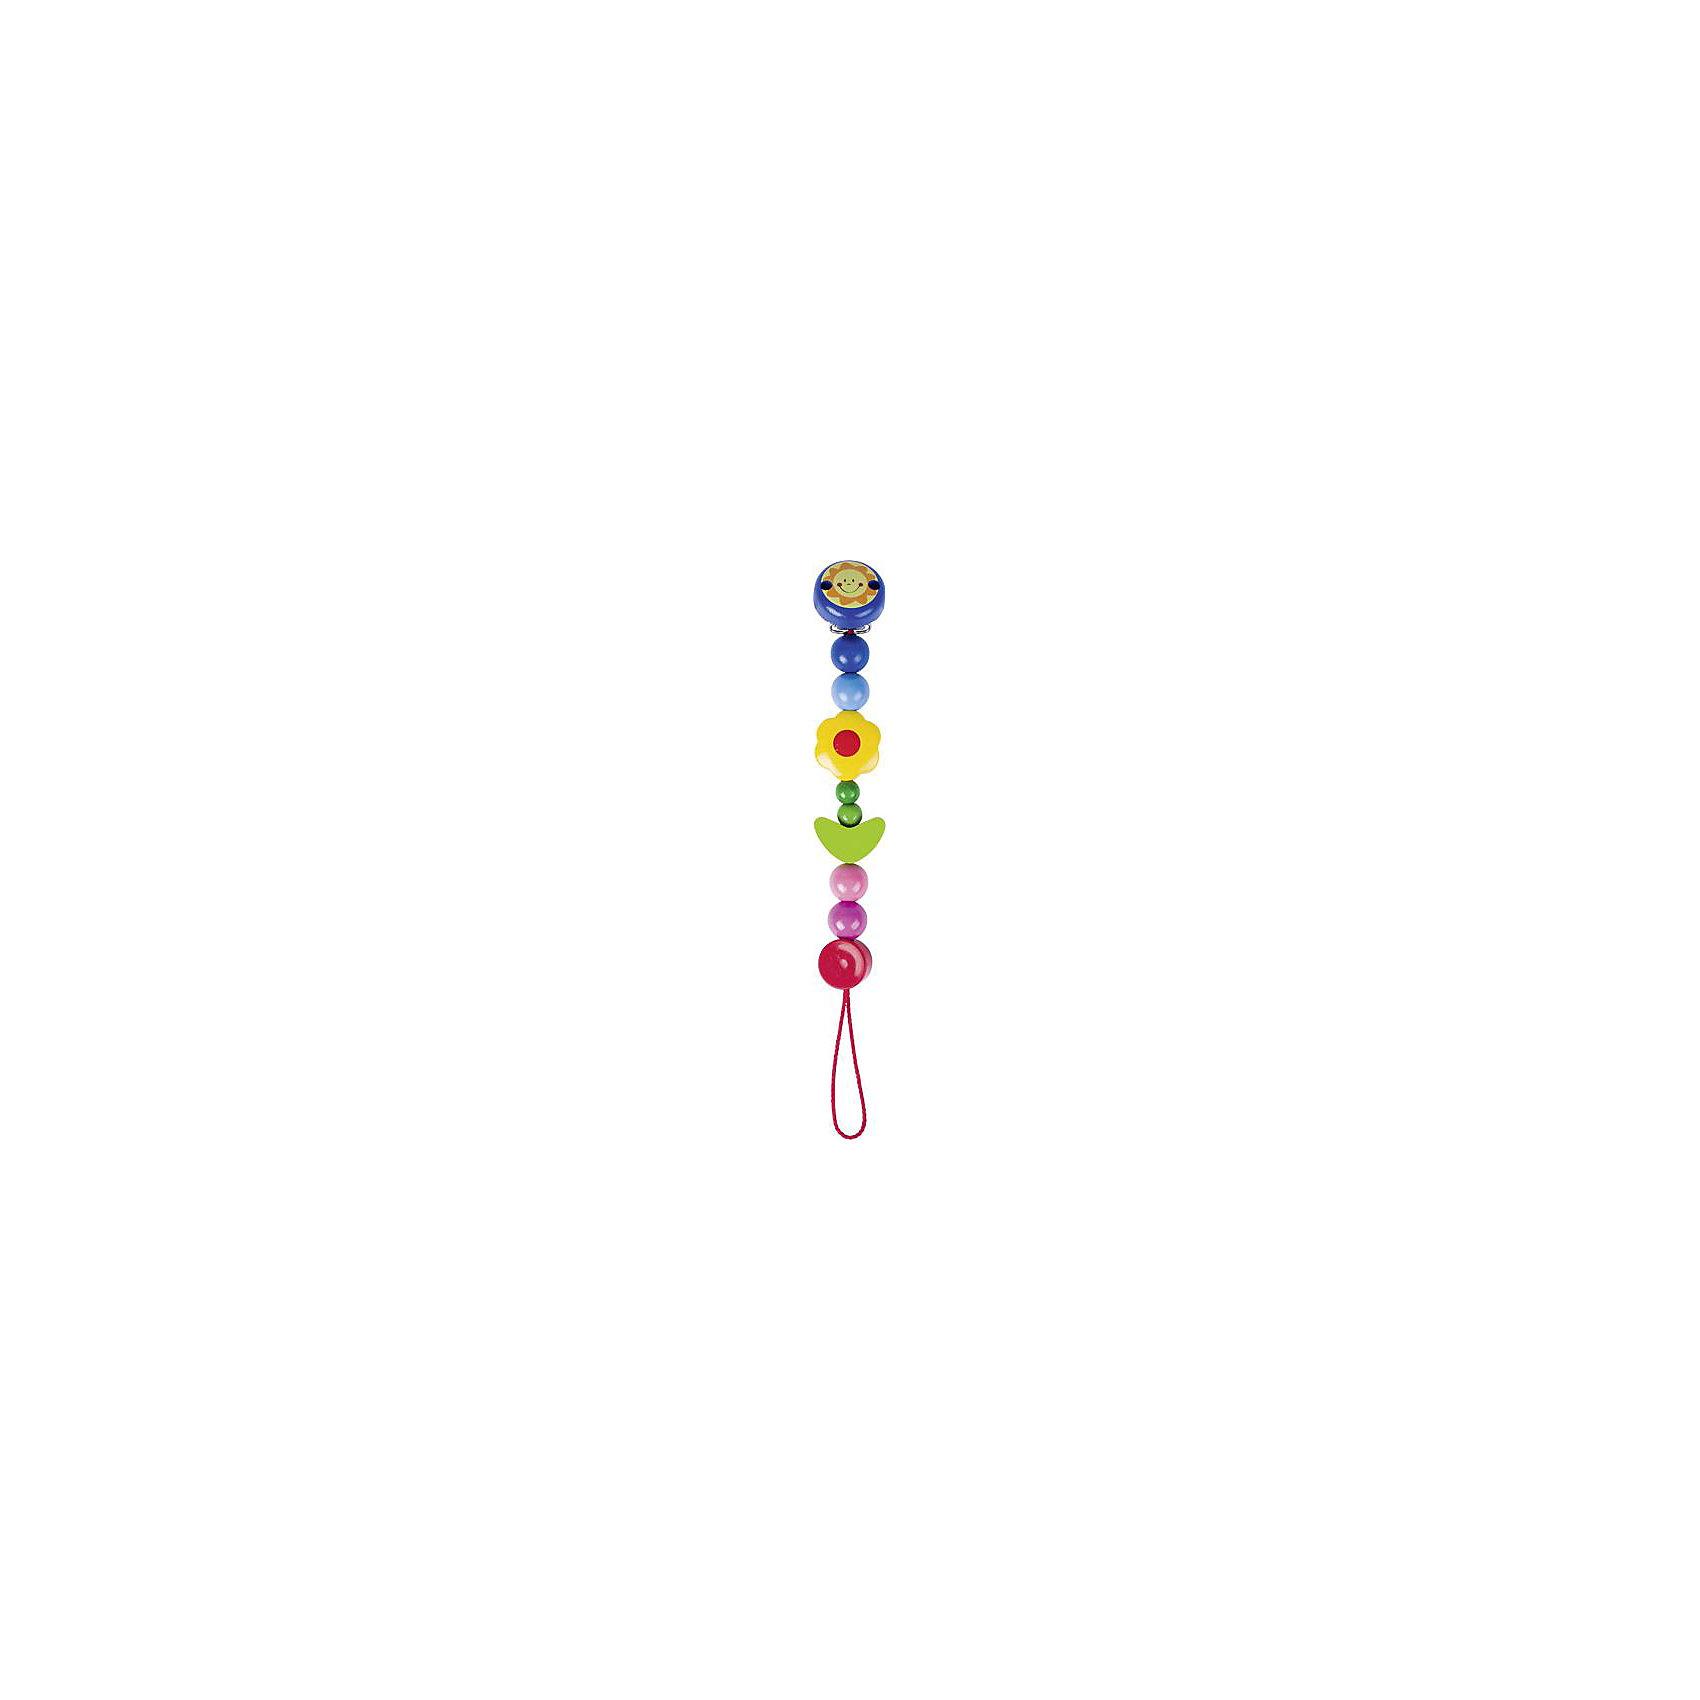 Держатель с клипсой Цветок, HEIMESSПогремушки<br>Характеристики товара:<br><br>- цвет: разноцветный;<br>- материал: дерево;<br>- размер упаковки: 21 x 2 x 21 см;<br>- длина: 21 см;<br>- вес: 73 г.<br><br>Детский яркий держатель для соски – отличный подарок для родителей и ребенка. В процессе игры с ней ребенок развивает моторику, тактильное восприятие, воображение, внимание и координацию движений. Игрушка придумана для того, чтобы к ней можно было прикрепить соску. Держатель можно кусать - он сделан из безопасного дерева. Он разработан специально для маленьких ручек ребёнка. <br>Такая игрушка позволит малышу с детства развивать цветовосприятие, также она помогает детям научиться фокусировать внимание. Изделие произведено из качественных материалов, безопасных для ребенка.<br><br>Держатель с клипсой Цветок от бренда HEIMESS можно купить в нашем интернет-магазине.<br><br>Ширина мм: 210<br>Глубина мм: 20<br>Высота мм: 210<br>Вес г: 73<br>Возраст от месяцев: 3<br>Возраст до месяцев: 24<br>Пол: Женский<br>Возраст: Детский<br>SKU: 5155294